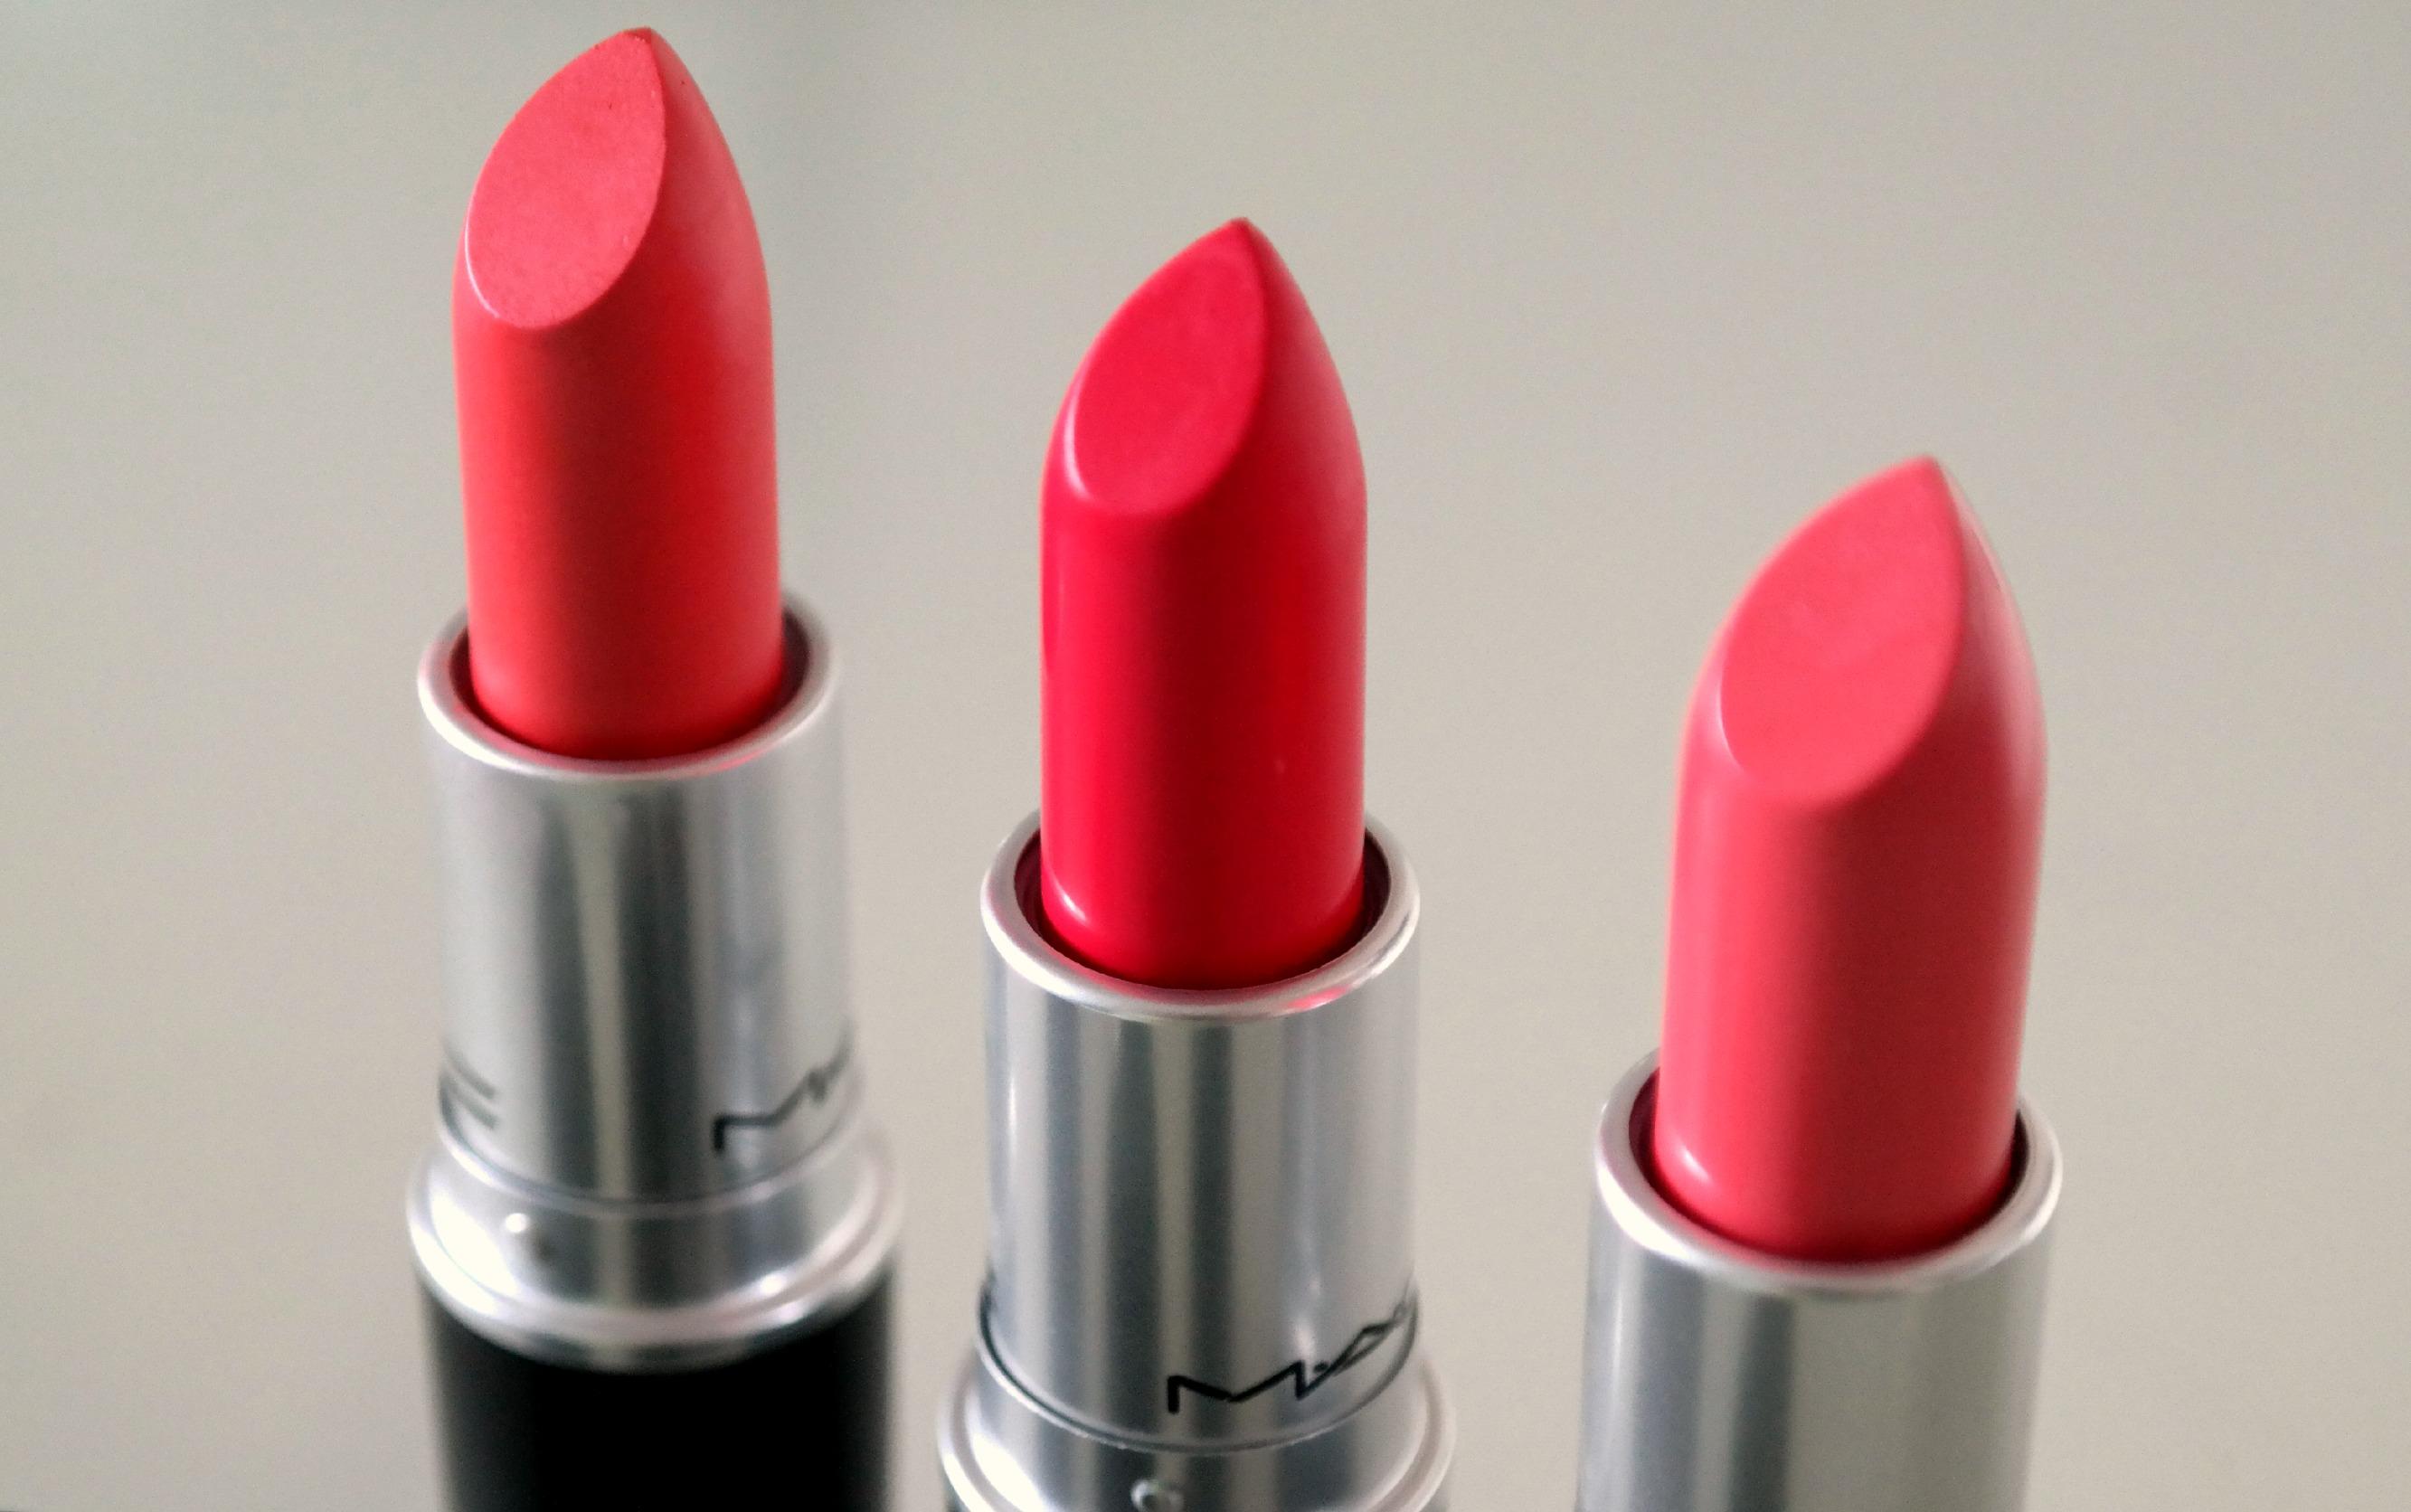 Nieuw 4x Mac lipsticks voor de lente en zomer - MommyOnline.nl LX-21